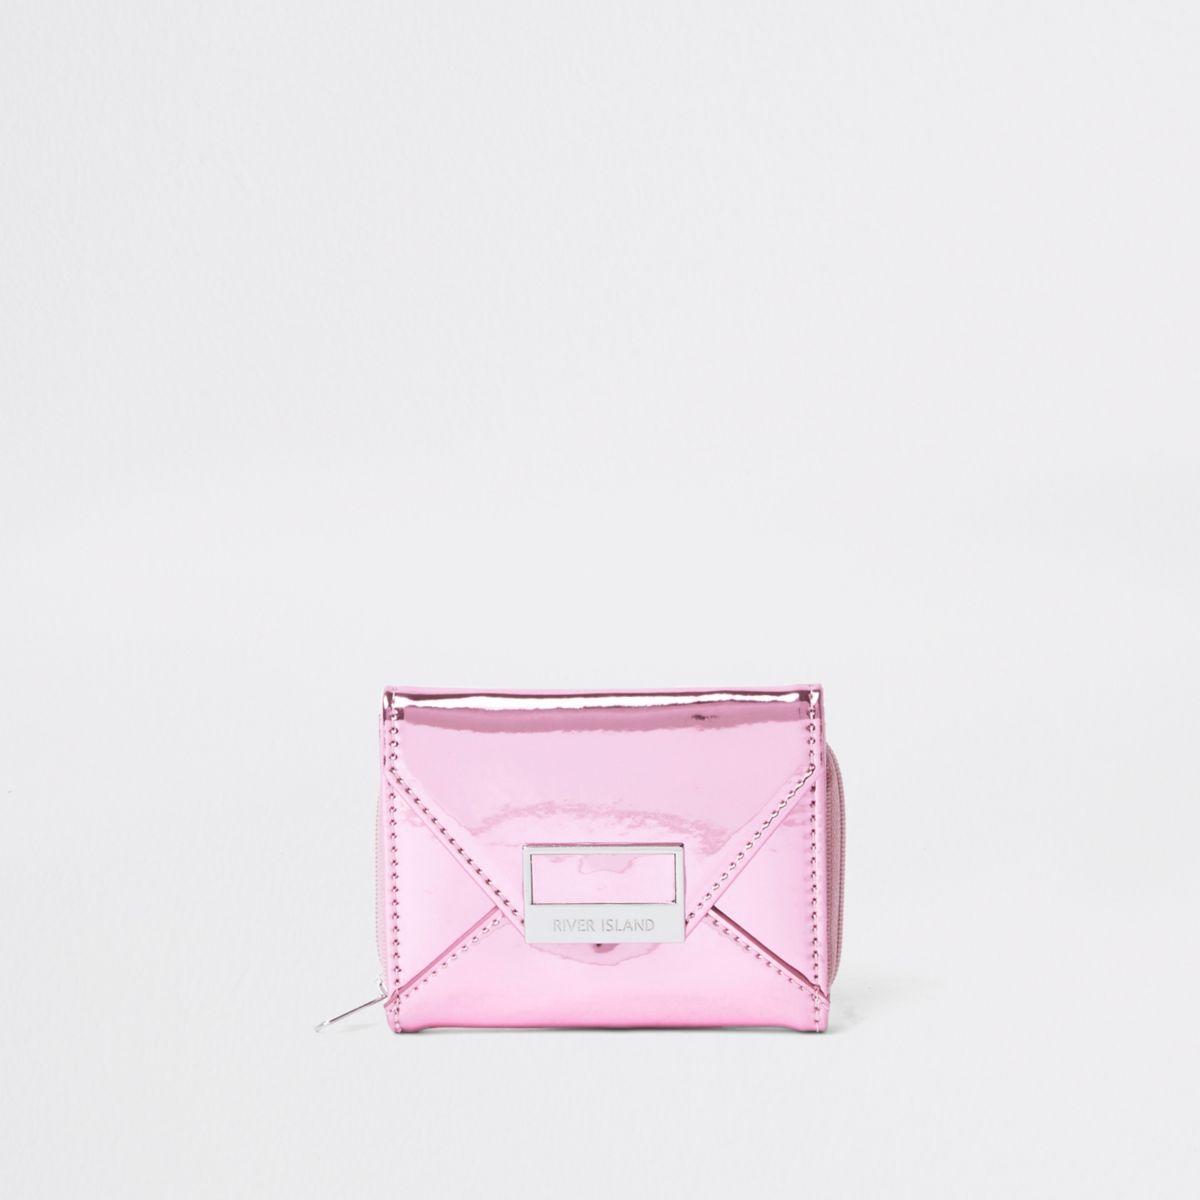 Girls pink metallic envelope trifold purse